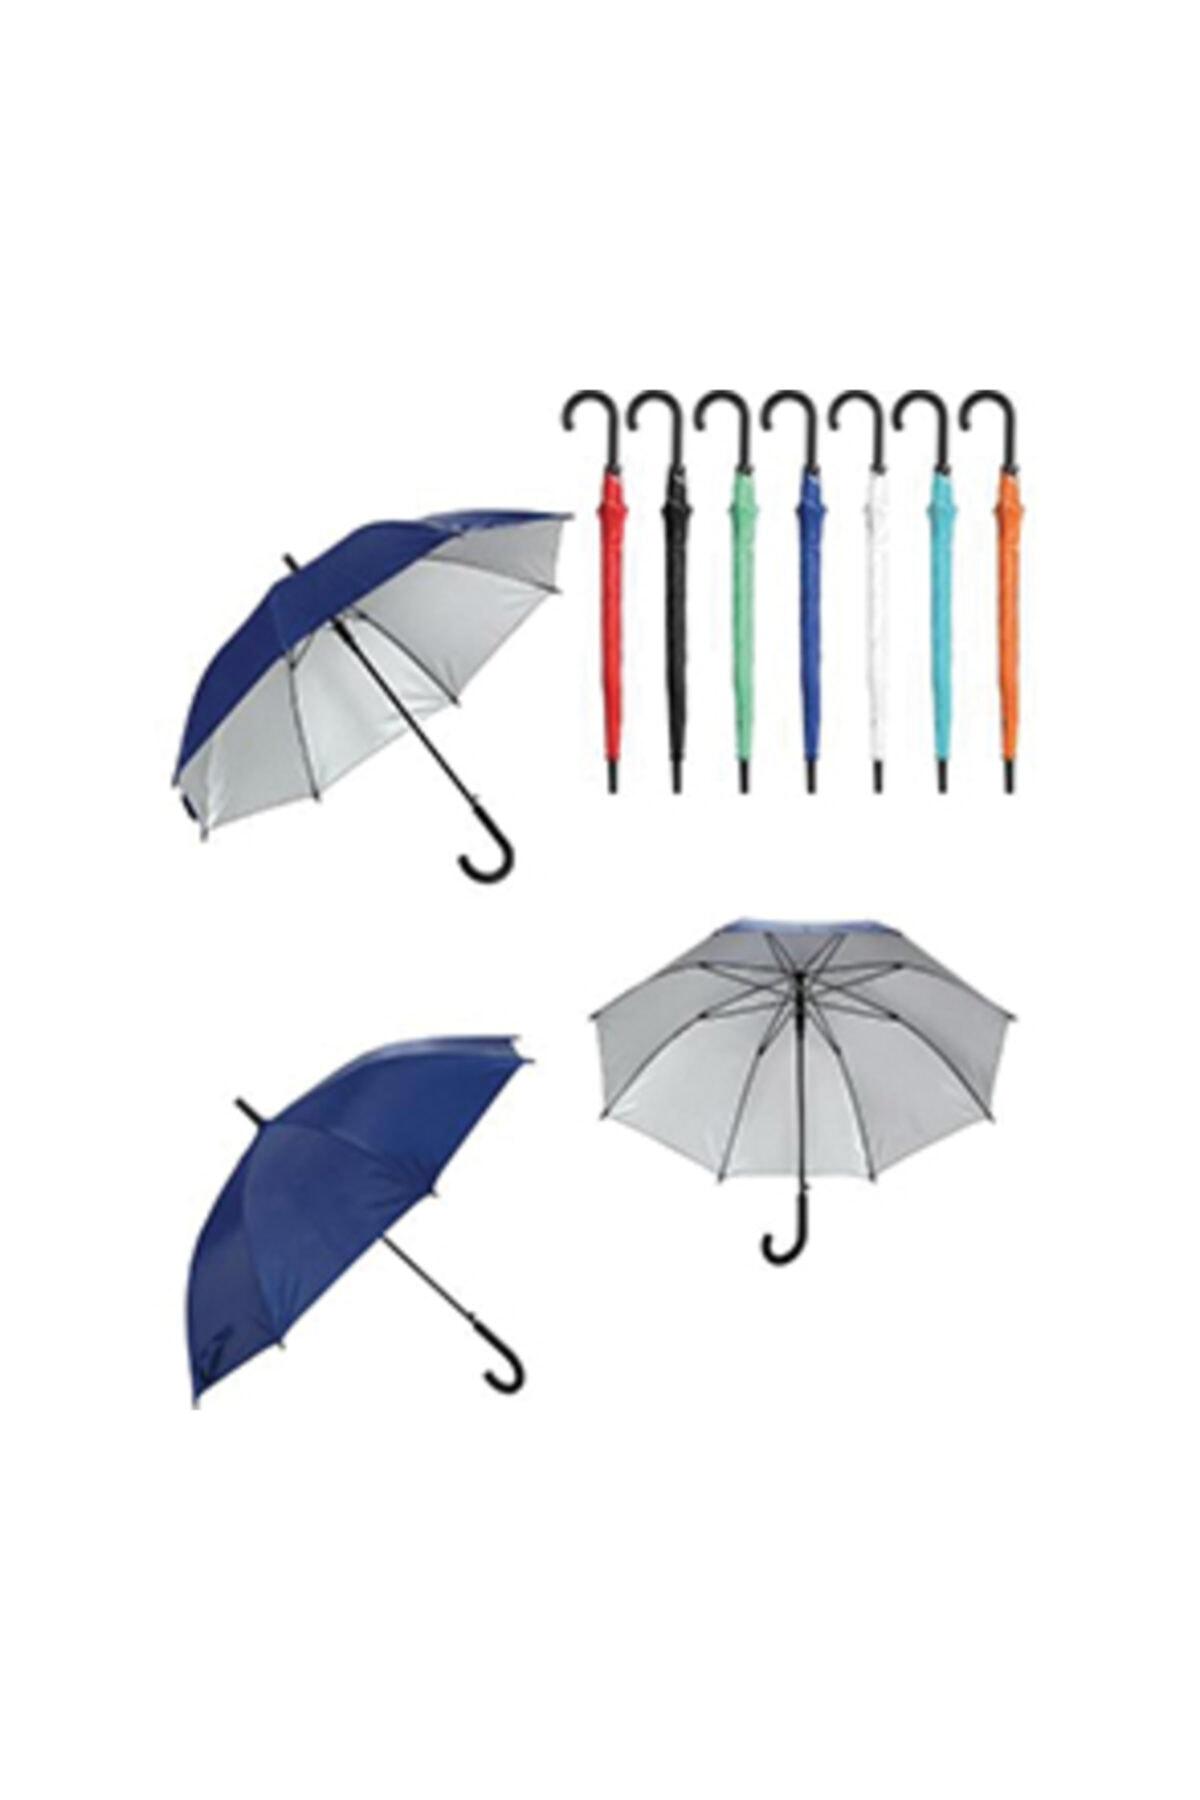 TREND Plastik Saplı Fiber Glass Kırılmaz Şemsiye (kırmızı) 2